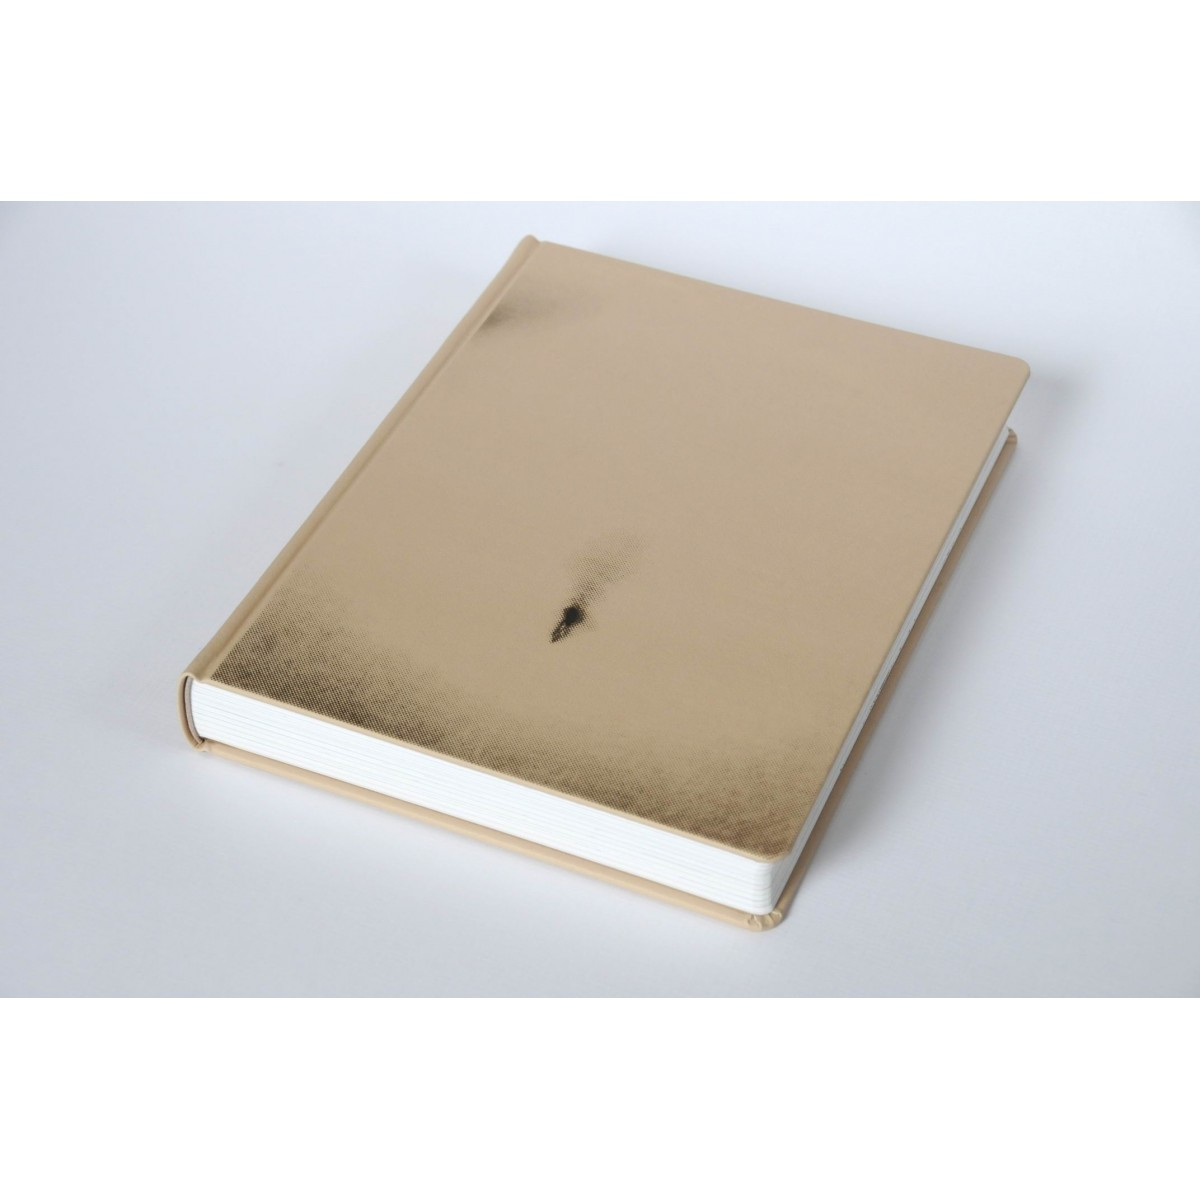 Kim Jung Gi - Omphalos (Sketchbook 2015)